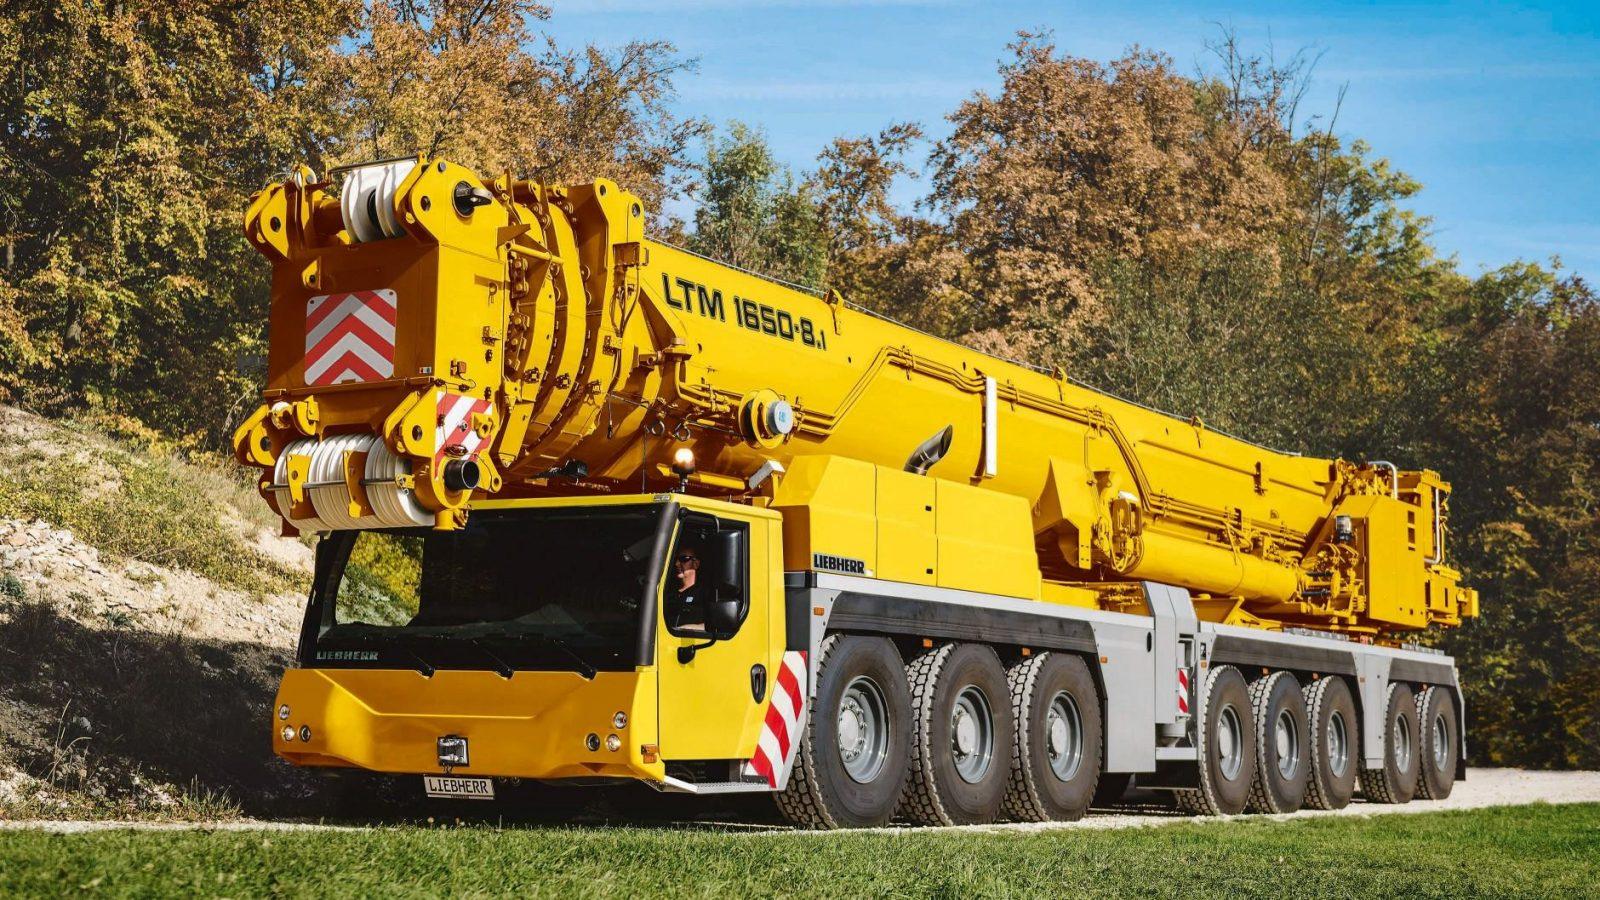 Новый 800 тонный гусеничный кран Liebherr представят на ConExpo-Con/Agg 2020